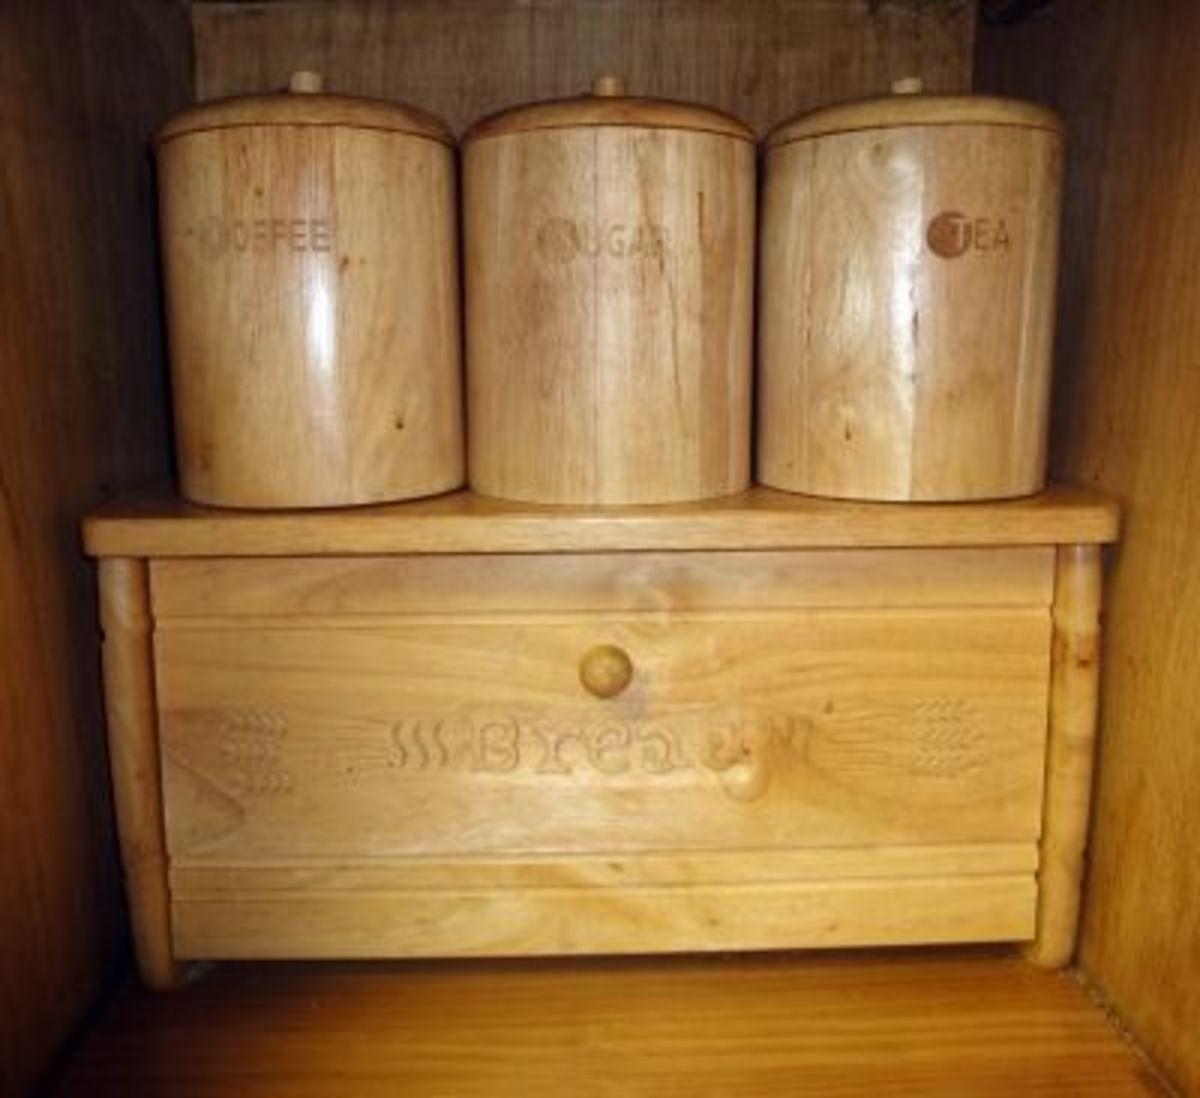 Wooden Daily Bread Bin